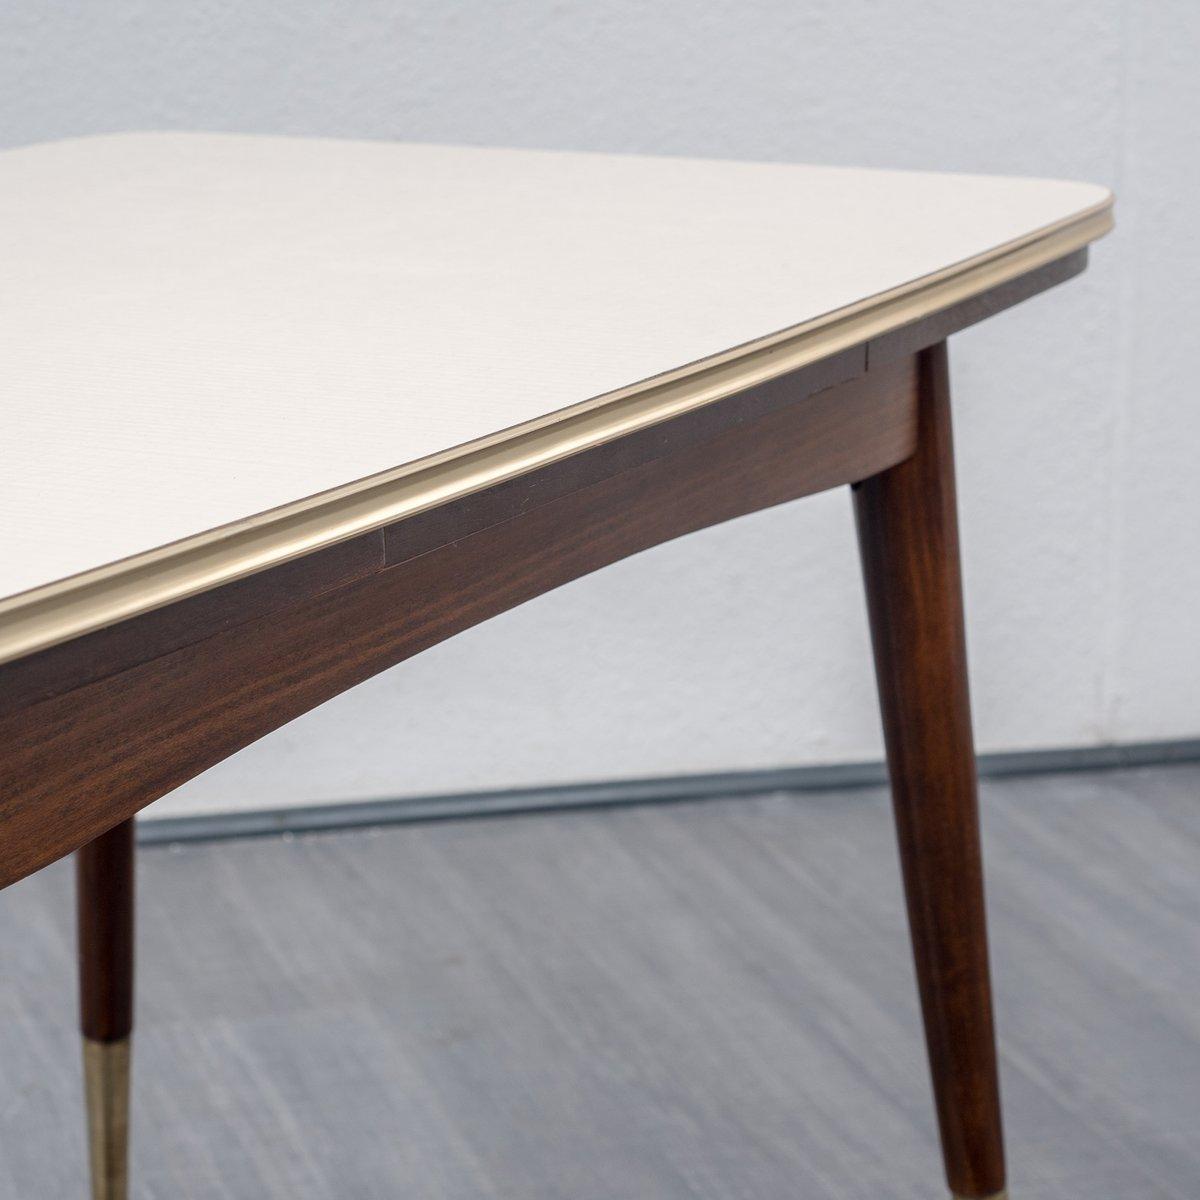 table de salon hauteur ajustable rallonge 1950s en vente sur pamono. Black Bedroom Furniture Sets. Home Design Ideas